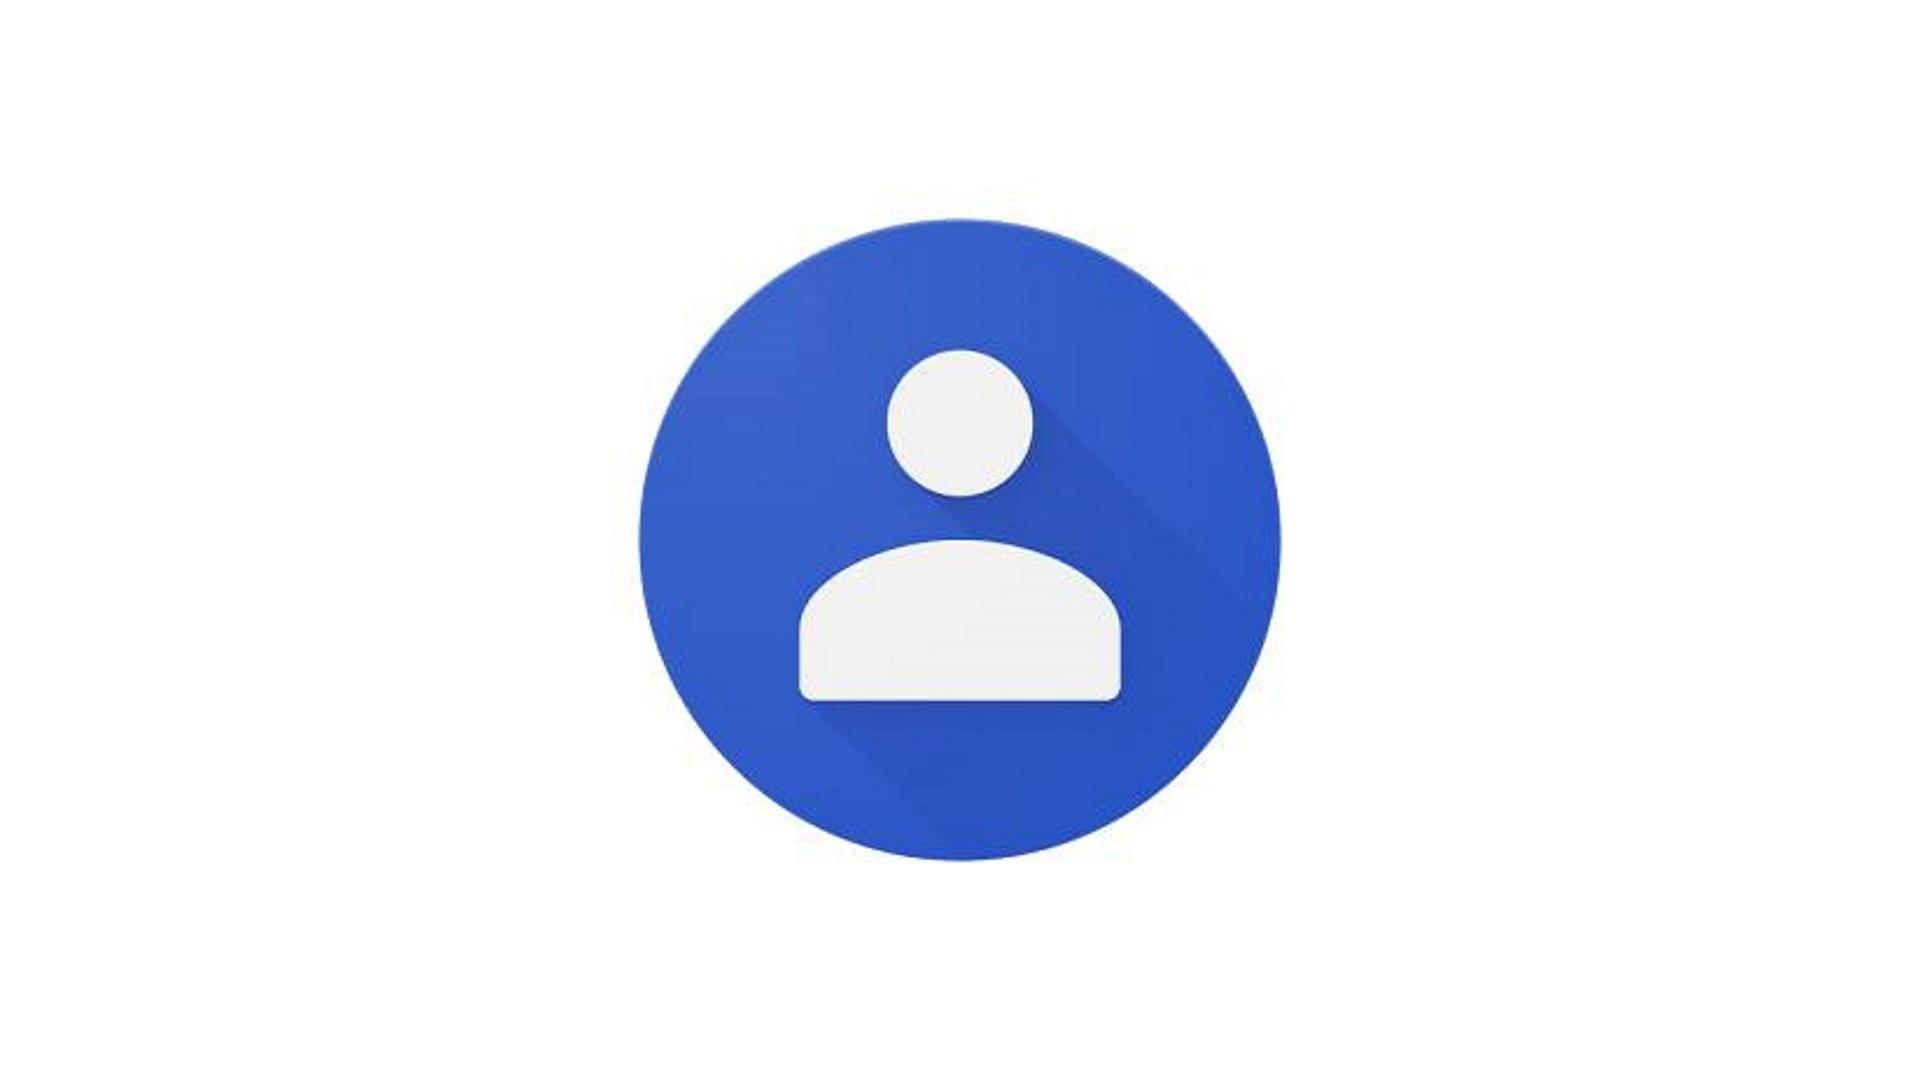 Google純正「連絡帳」アプリがAndroid 5.0以降の機種で利用可能に